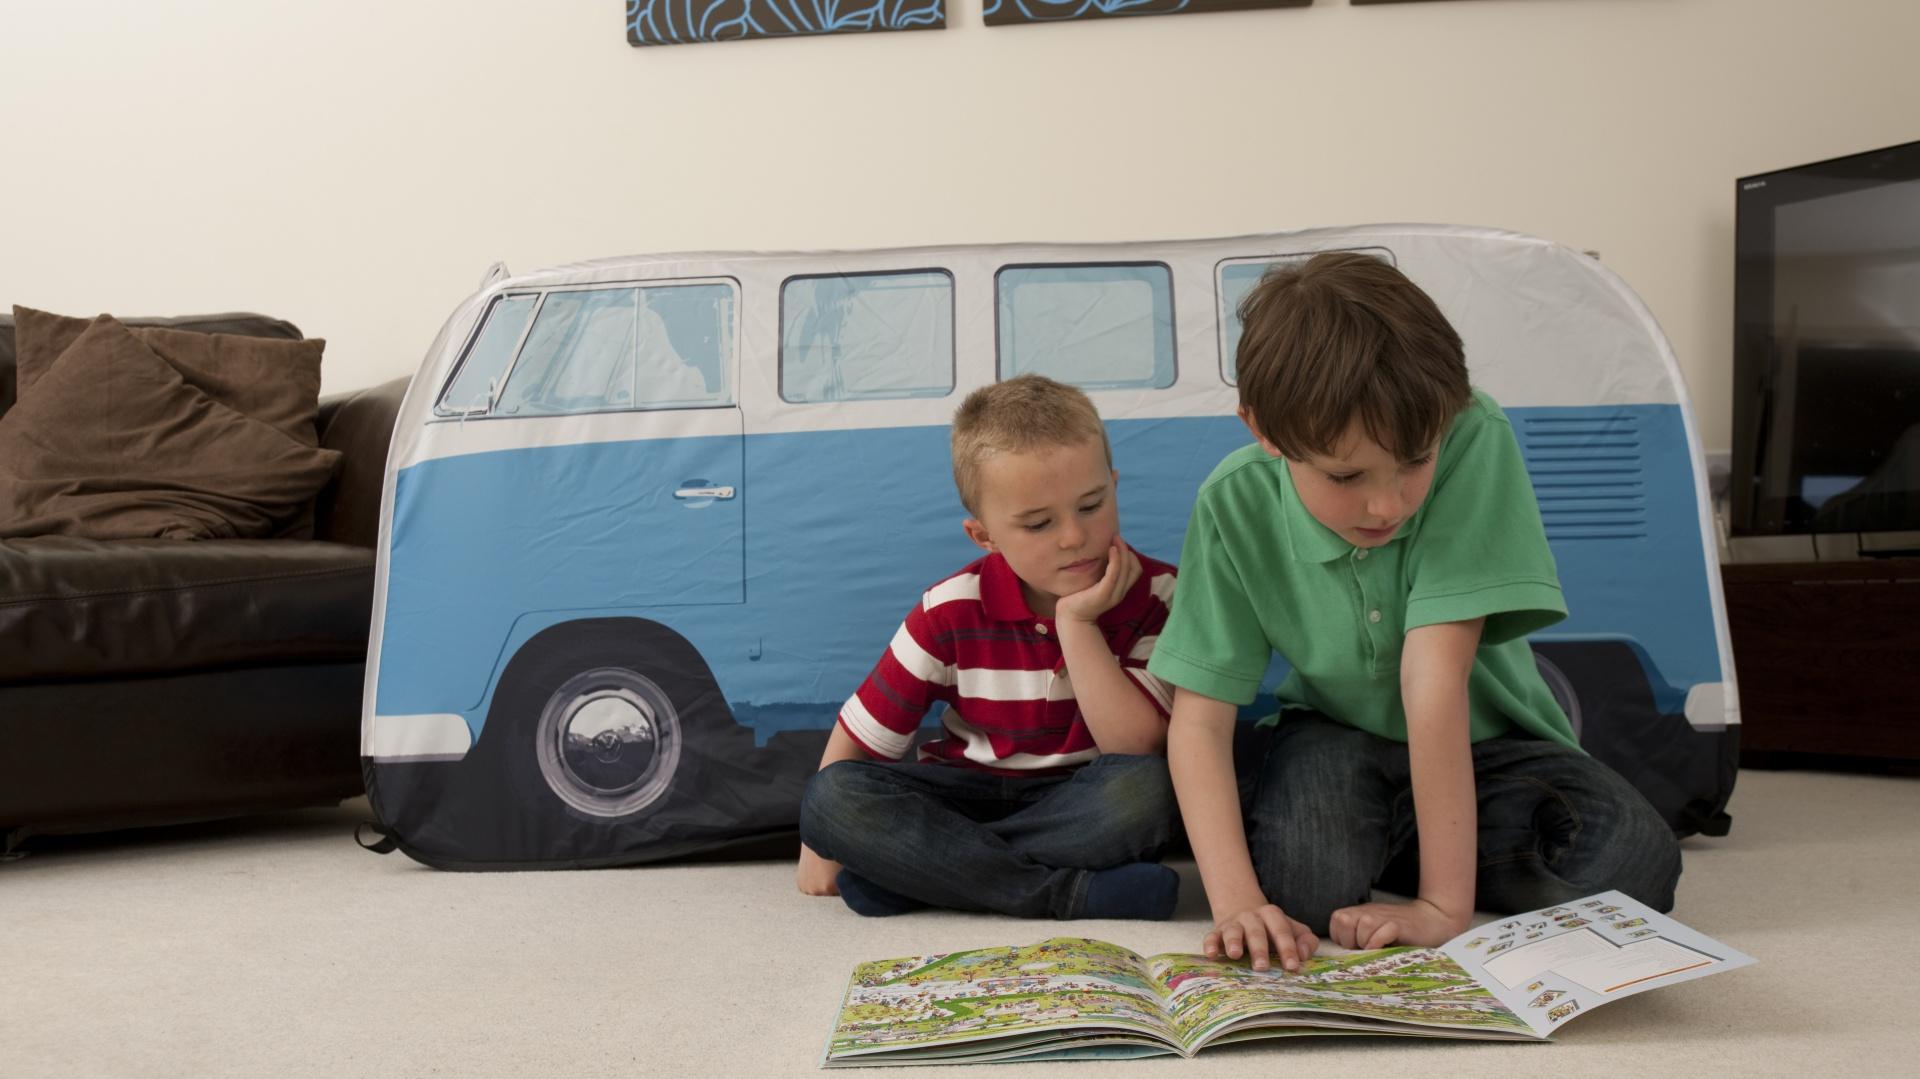 Namiot dostosowany jest do wzrostu przedszkolaków. Fot. The Monster Factory.